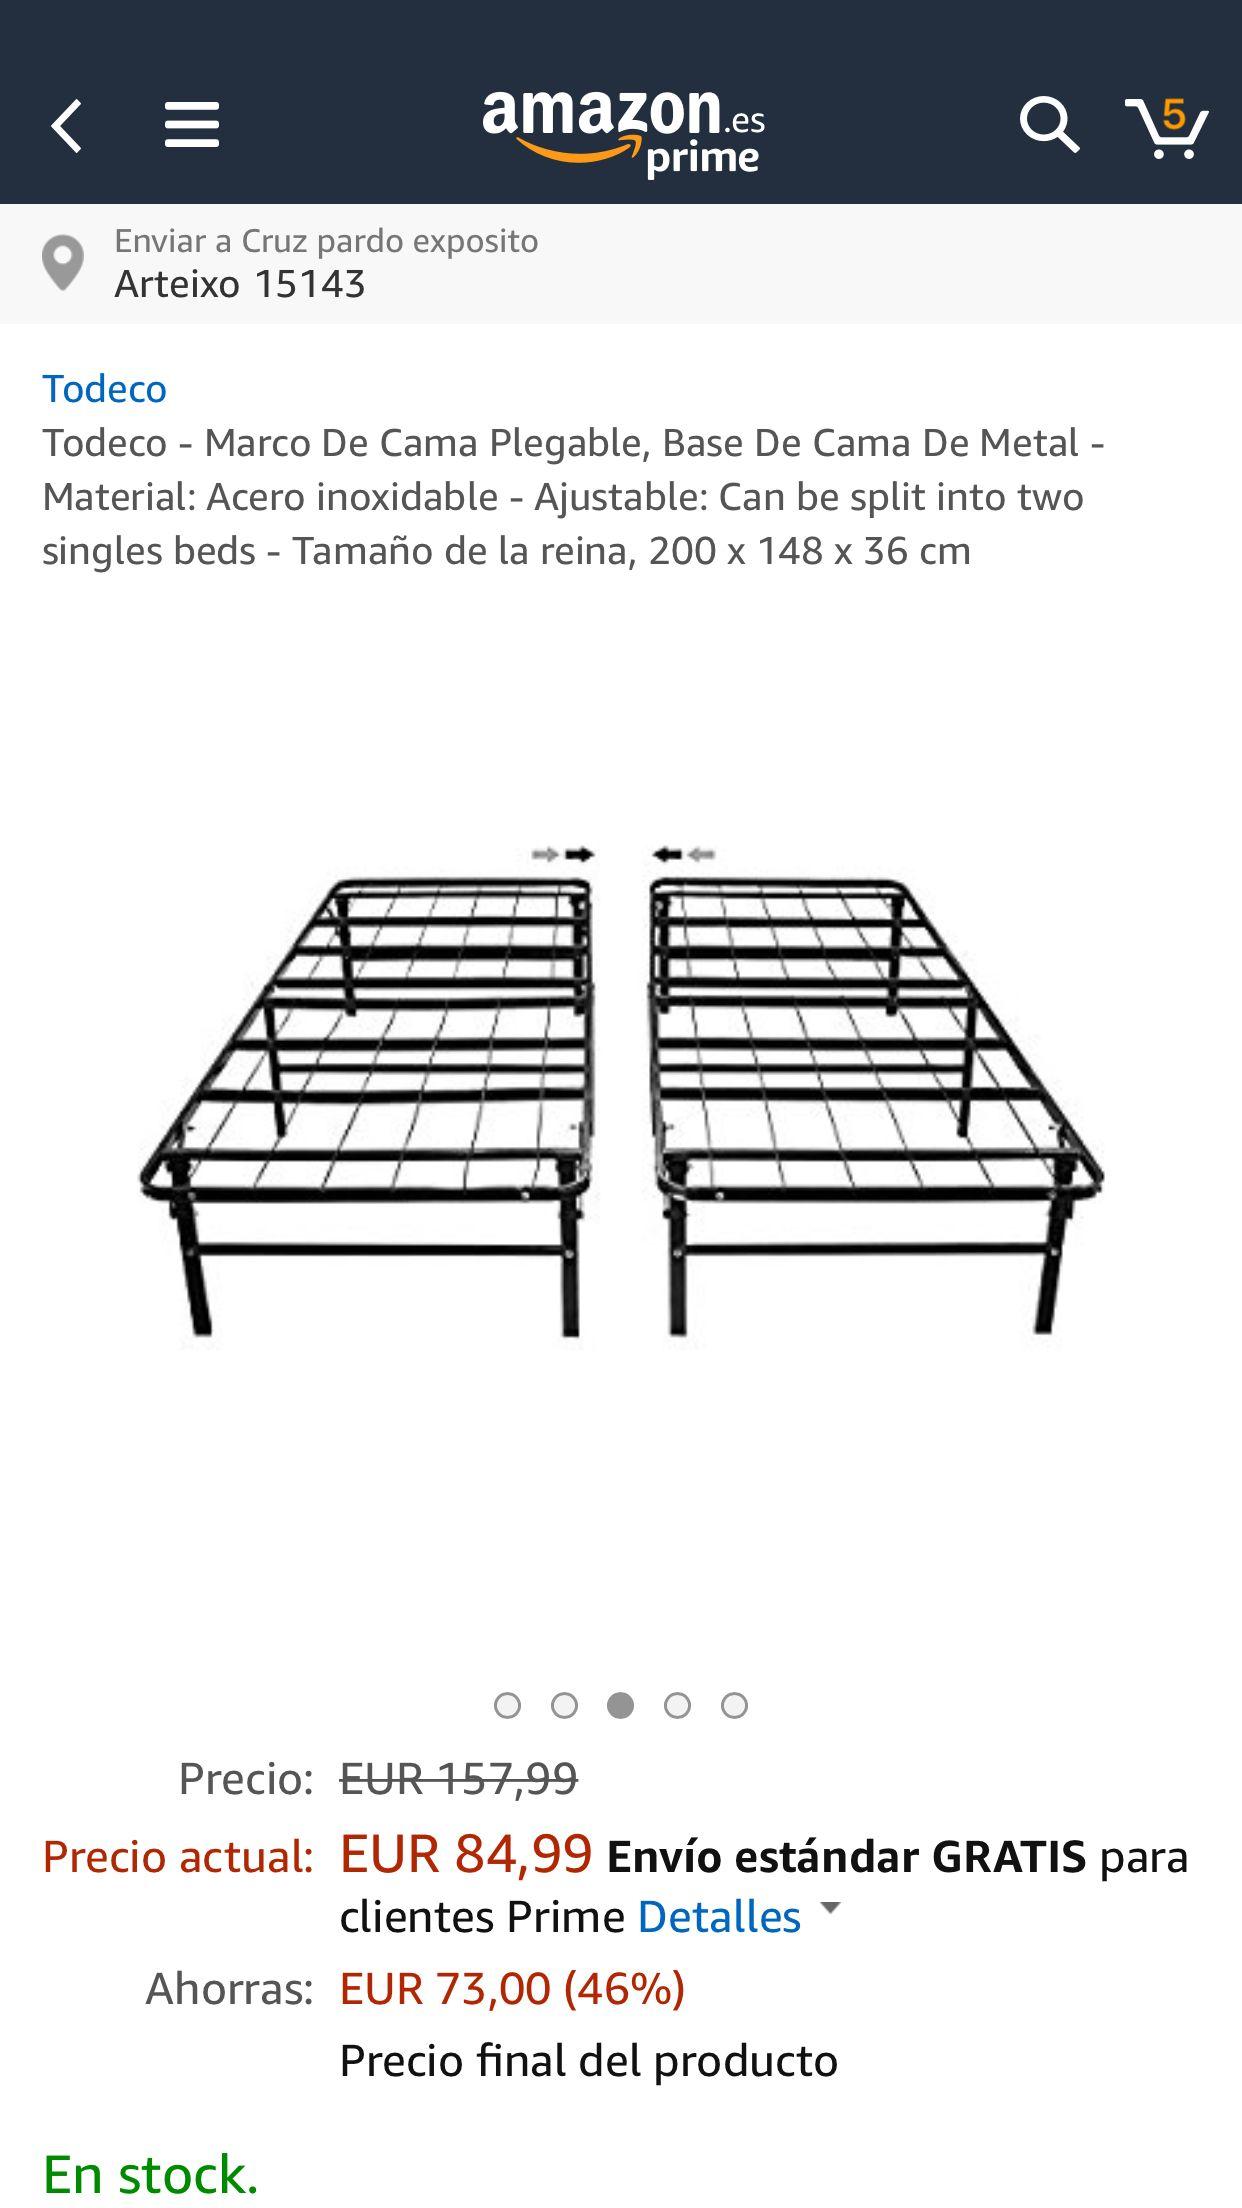 Famoso Marco De La Cama Amazon Festooning - Ideas de Arte Enmarcado ...